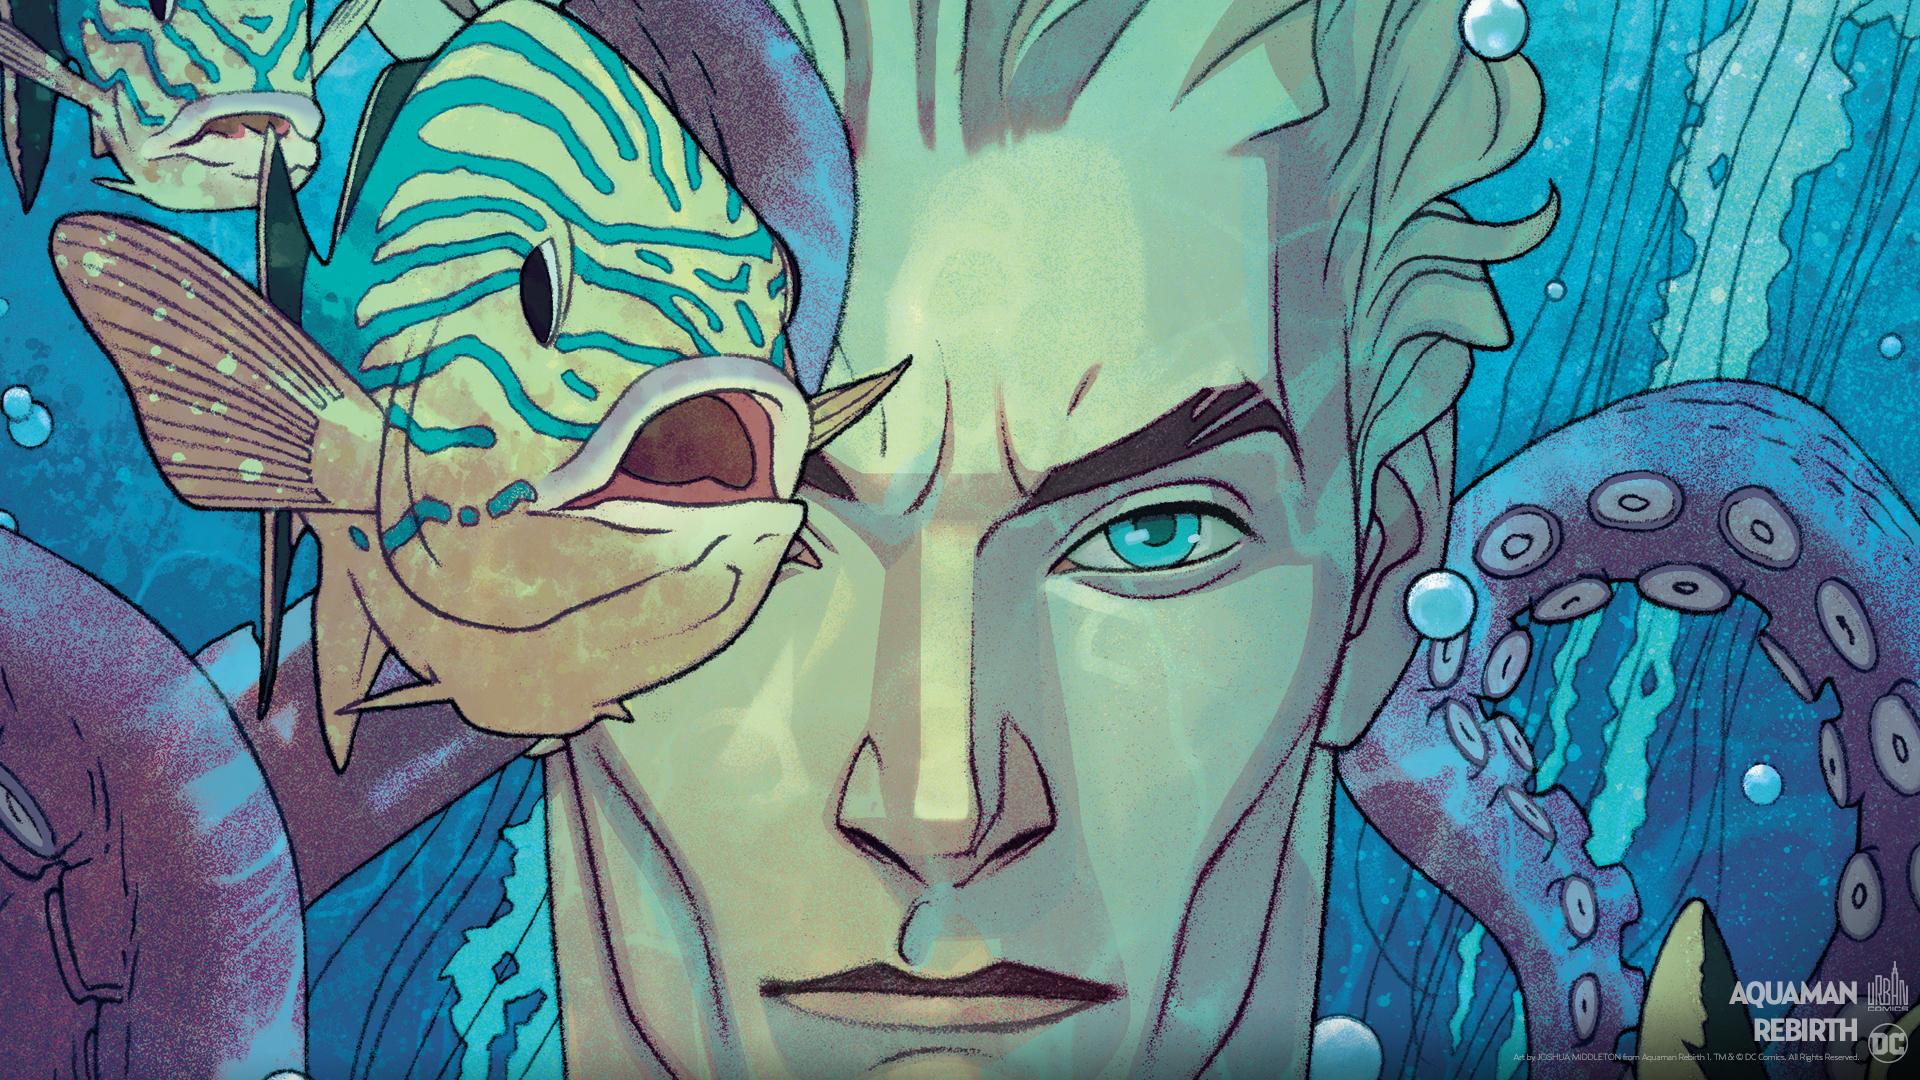 La première apparition d'Aquaman date de novembre 1941, il s'agit de l'épisode :